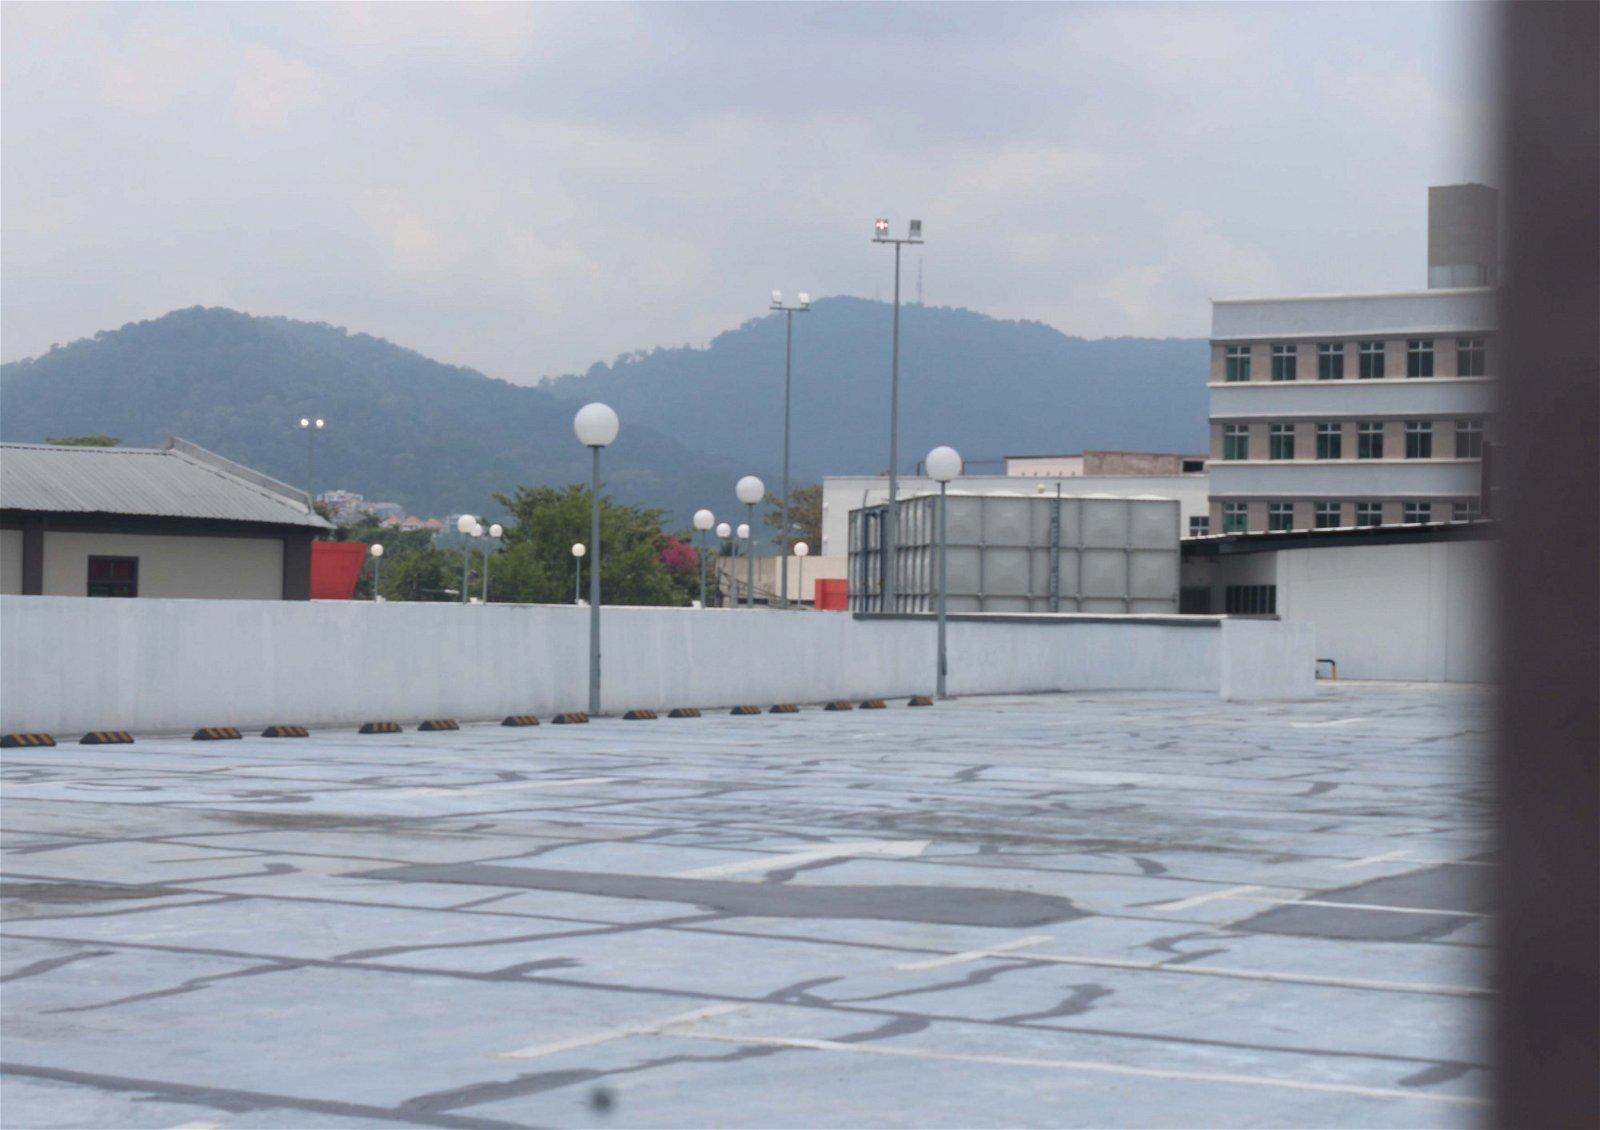 二楼停车场到处都是用石灰填补裂痕的痕迹。